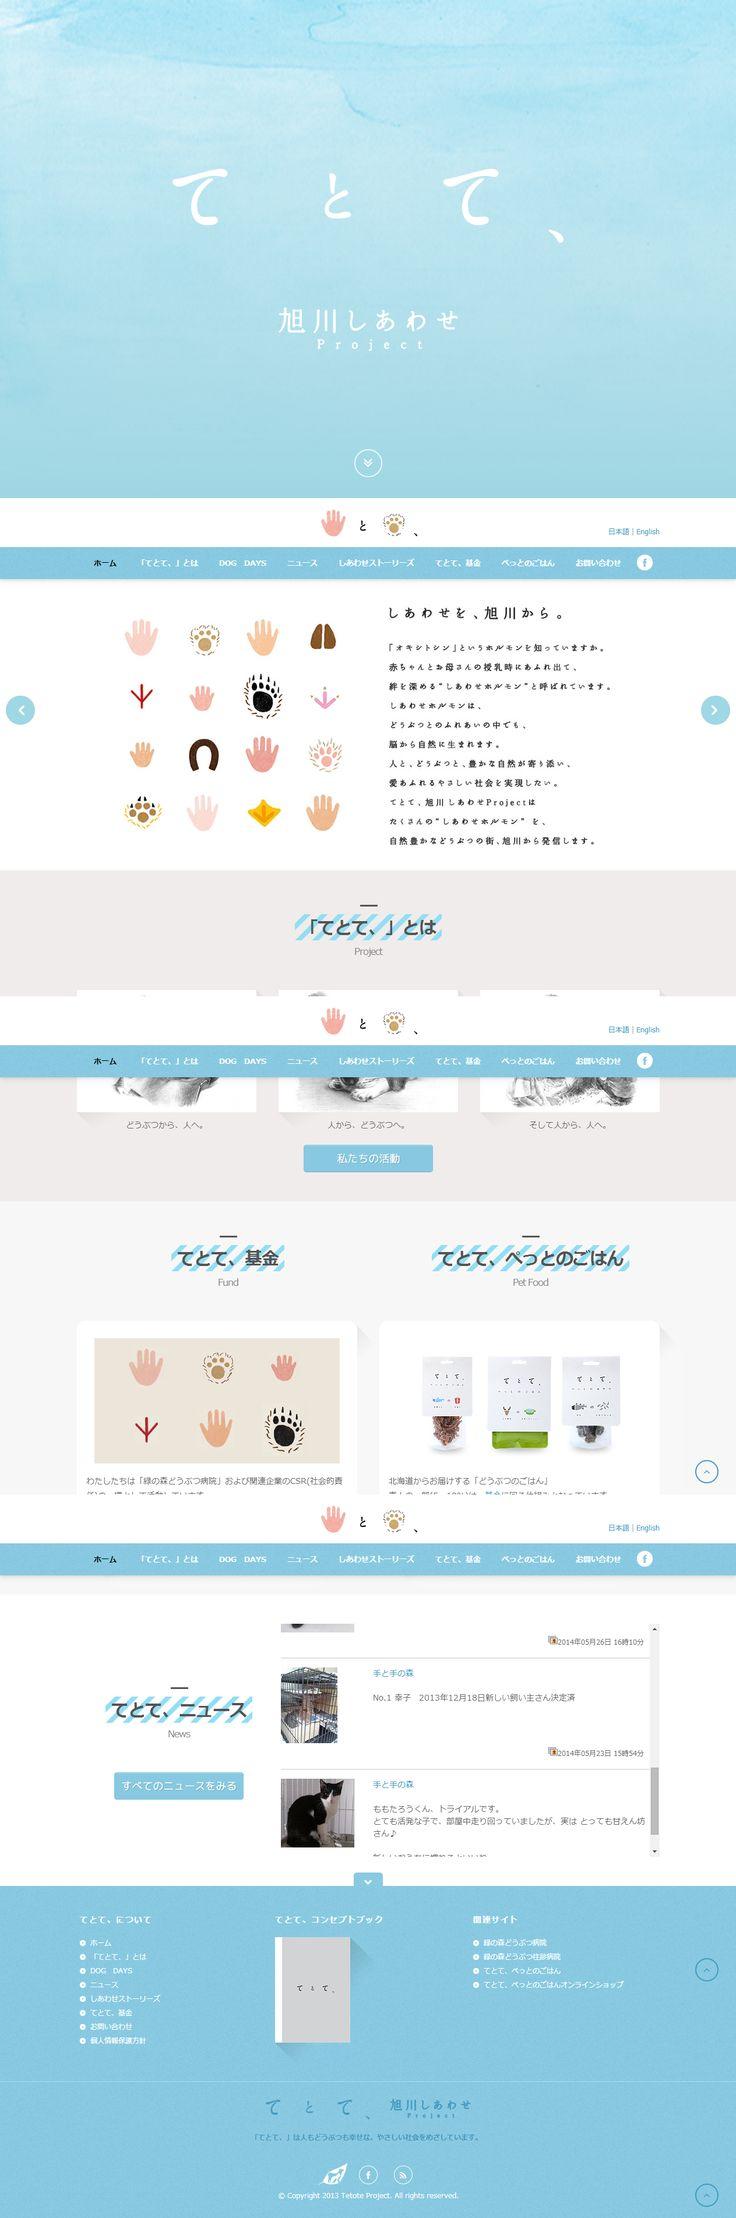 てとて、旭川しあわせProject -- icons